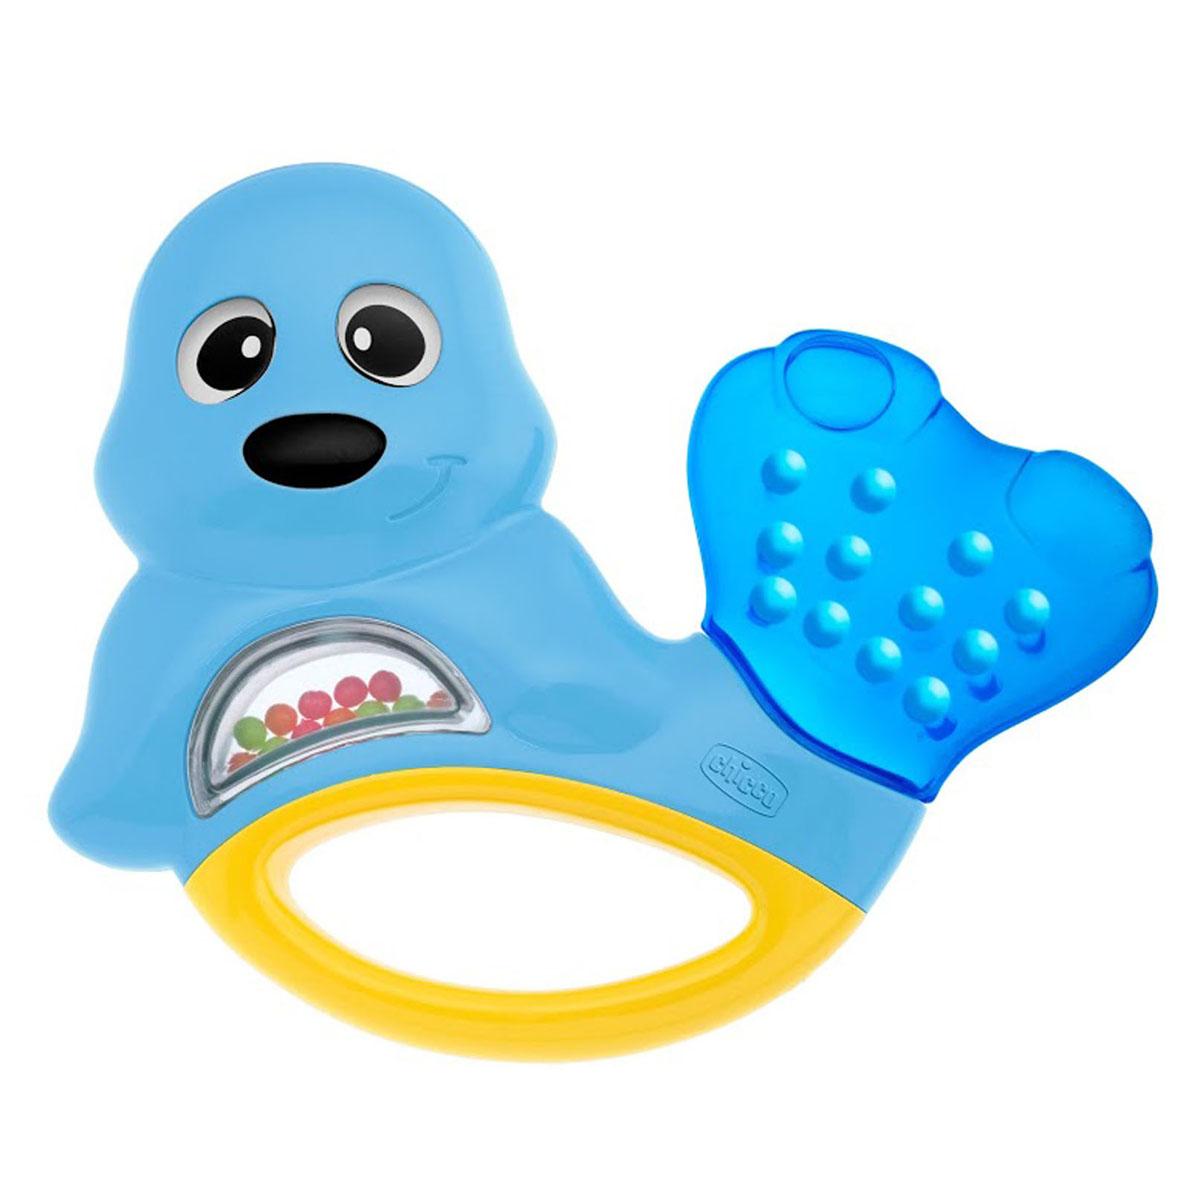 """Яркая развивающая игрушка-погремушка Chicco """"Морской котик"""" привлечет внимание вашего малыша и не позволит ему скучать. Она выполнена из безопасного пластика в виде забавного морского котика. Внутри игрушки под прозрачным окошком находятся маленькие разноцветные шарики, которые перекатываются и гремят при тряске. Хвостик, наполненный охлаждающей жидкостью, послужит малышу в качестве прорезывателя, который поможет снять неприятные ощущения при появлении зубов. В нижней части игрушки находится удобная ручка, за которую малыш сможет ее держать. Форма игрушки удобна для маленьких детских ручек. Ребенок сможет ее держать, трясти и перекладывать из одной ручки в другую. Игрушка-погремушка Chicco """"Морской котик"""" поможет ребенку в развитии цветового и звукового восприятия, мелкой моторики рук, координации движений и тактильных ощущений. Рекомендуемый возраст: от 3 месяцев."""